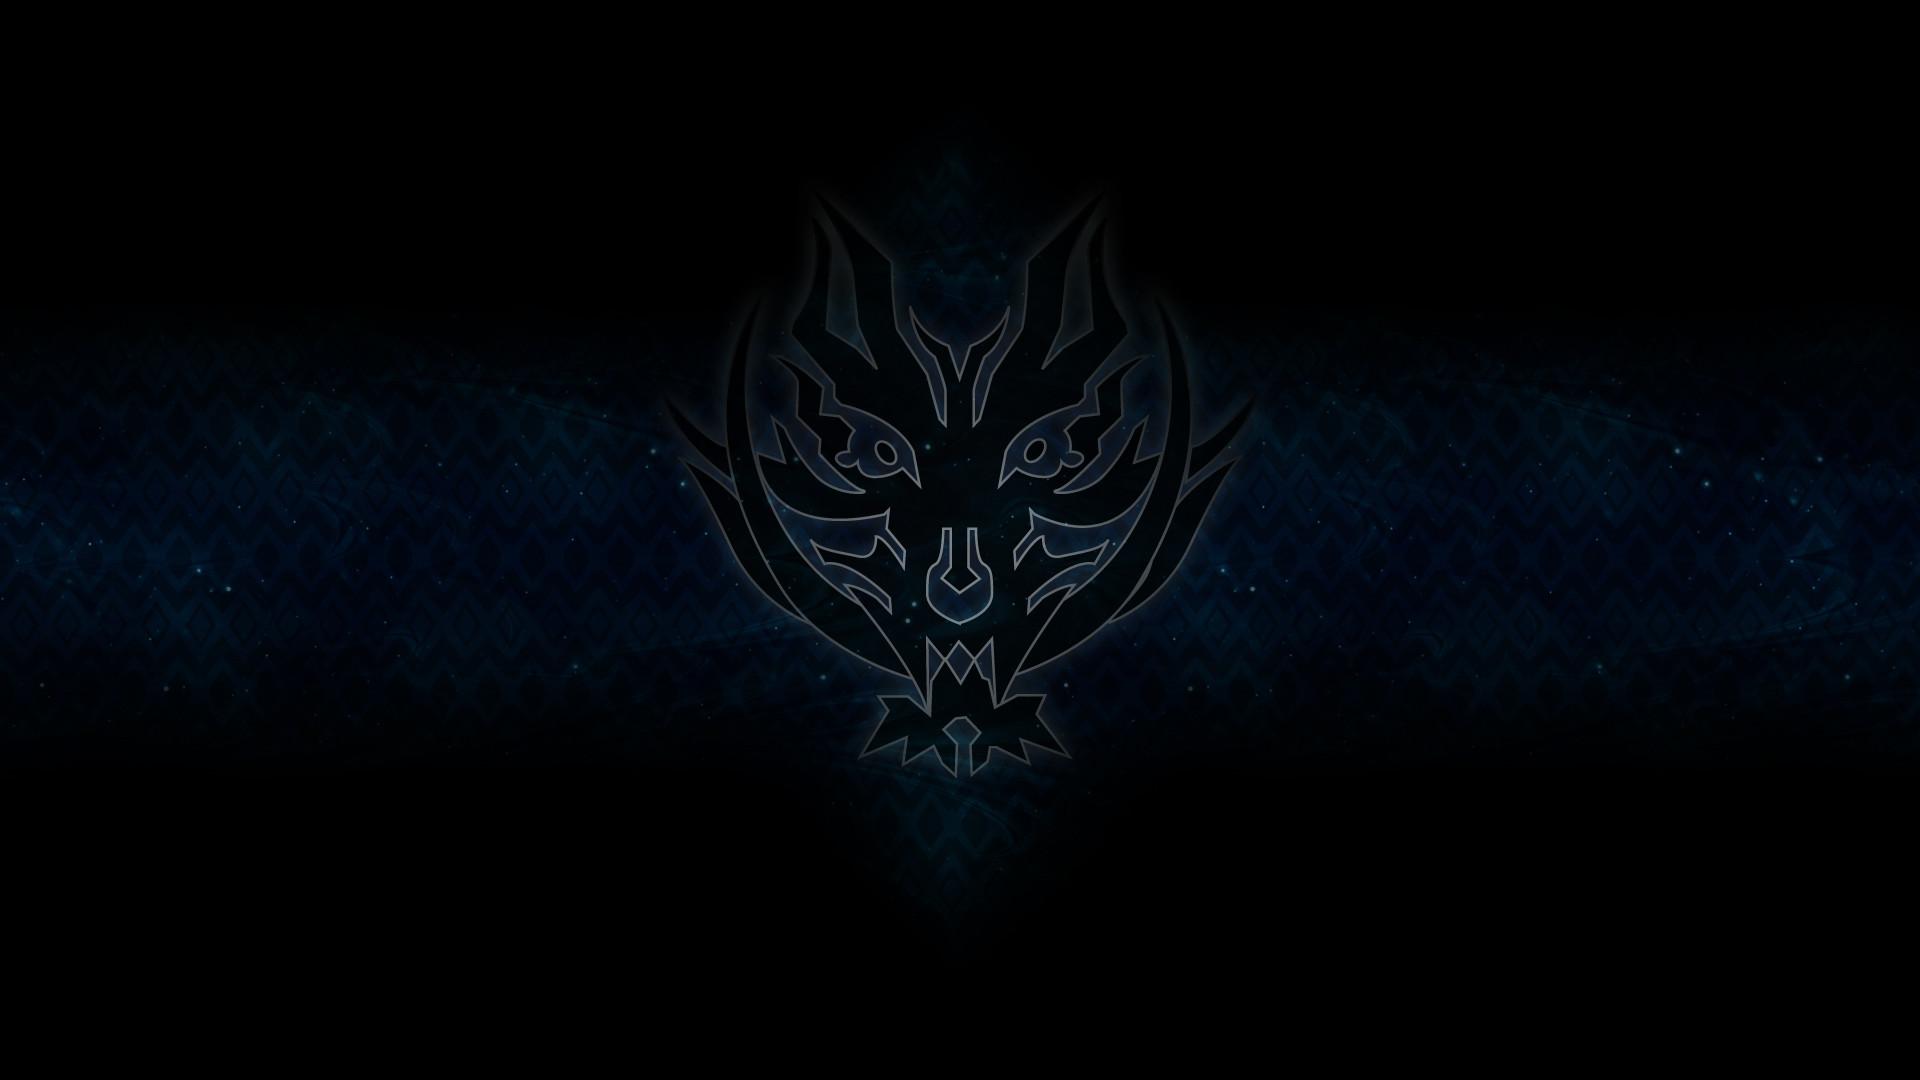 dragon logo wallpaper 71